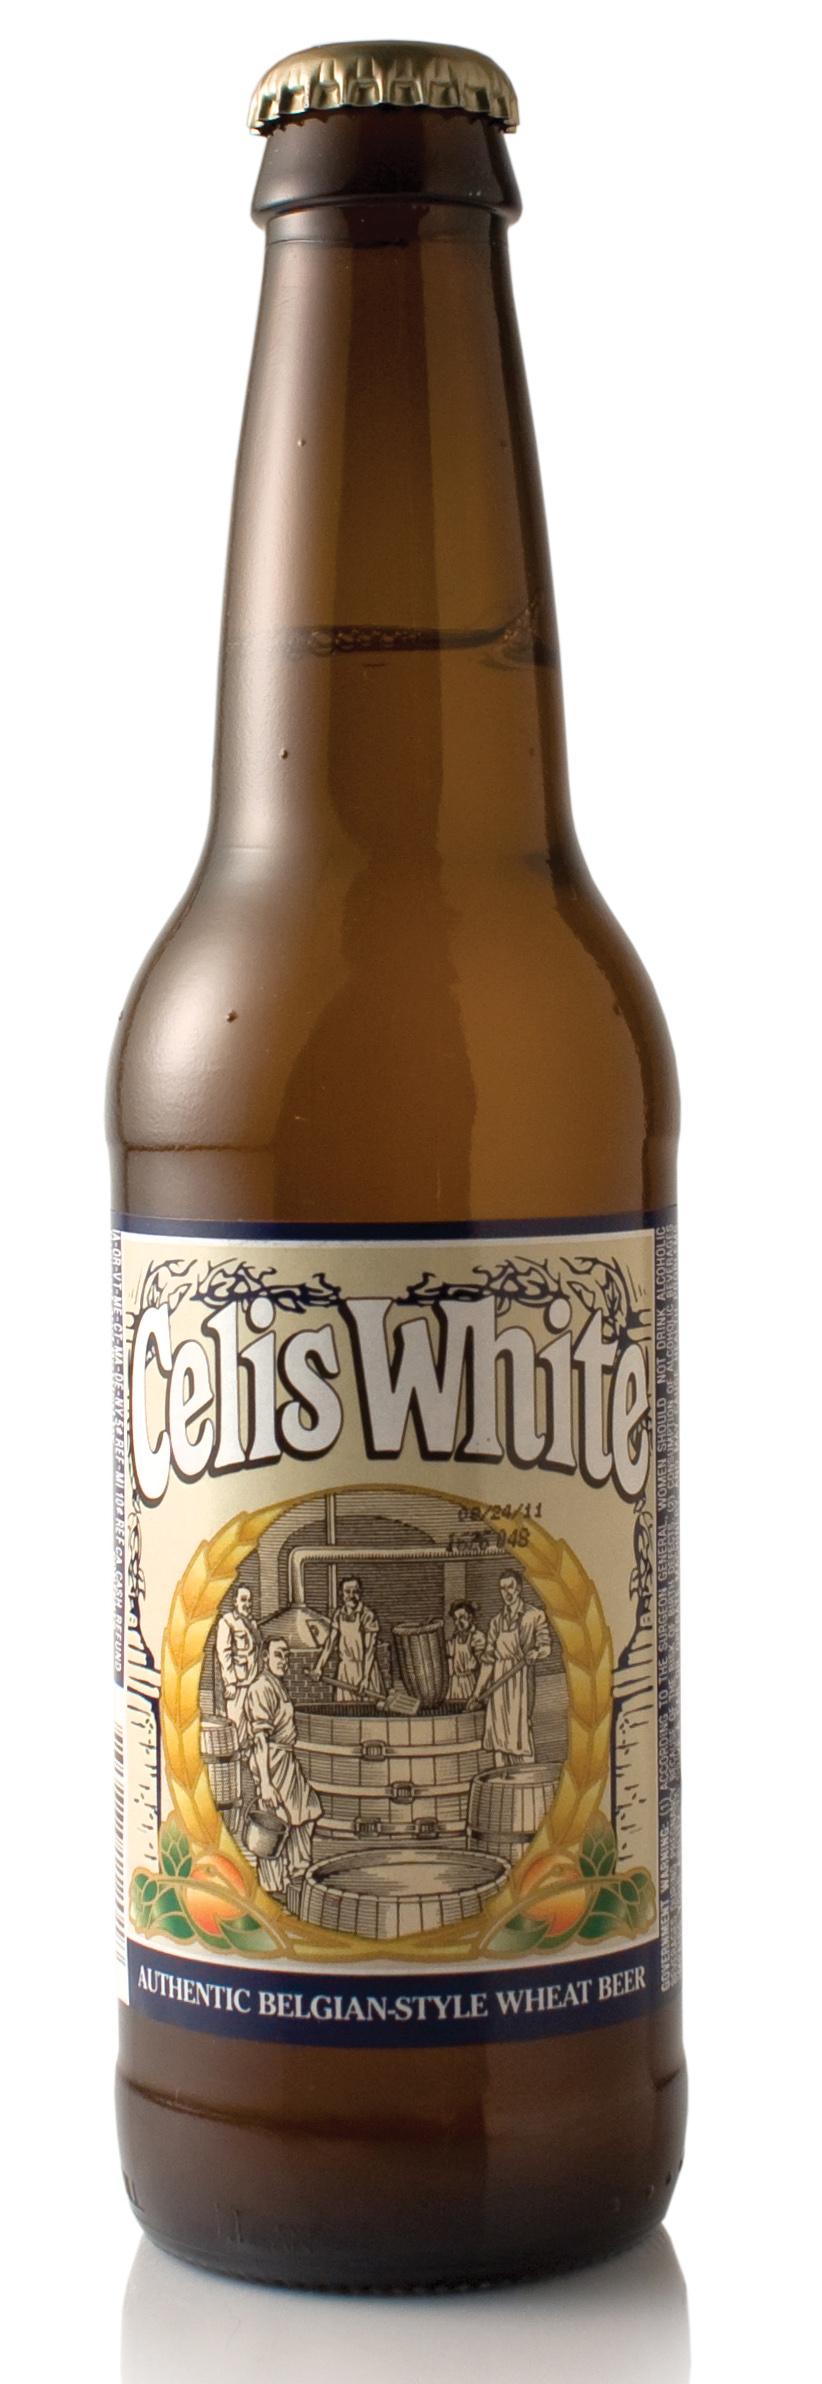 топ пива Celis white обзор / оценка / отзывы